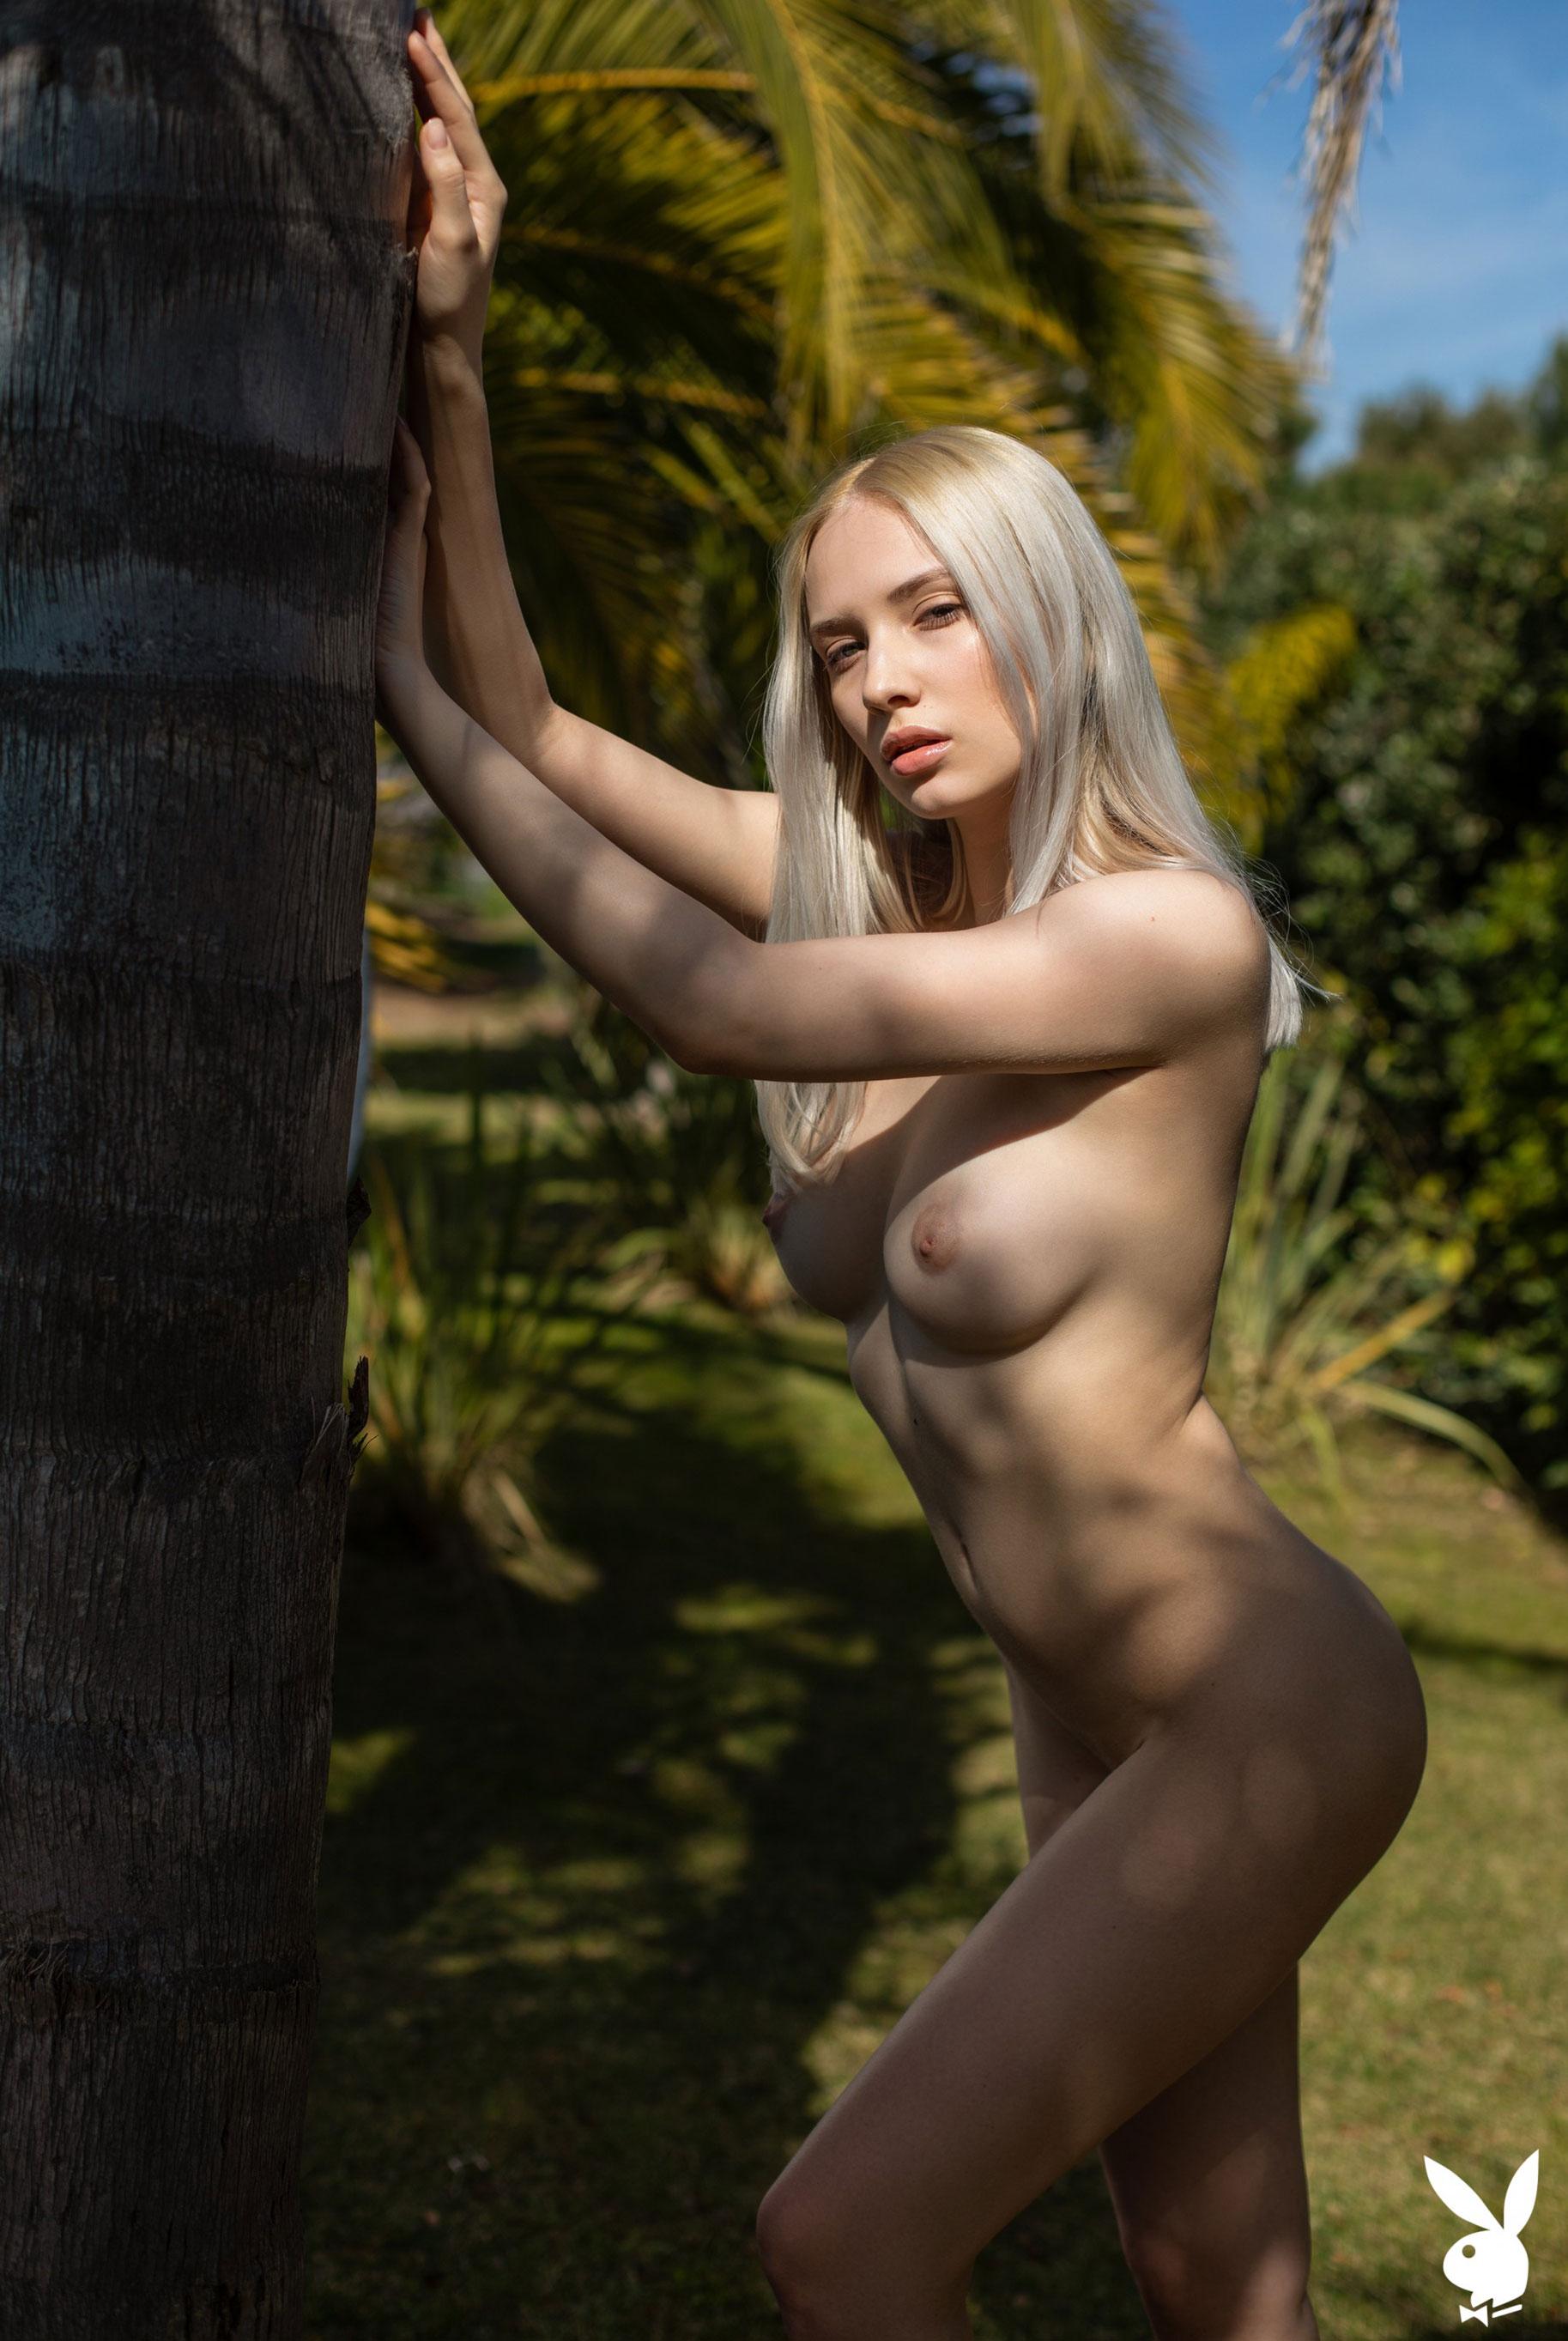 Сексуальная и голая Моника Васп в окружении тропических растений / фото 24